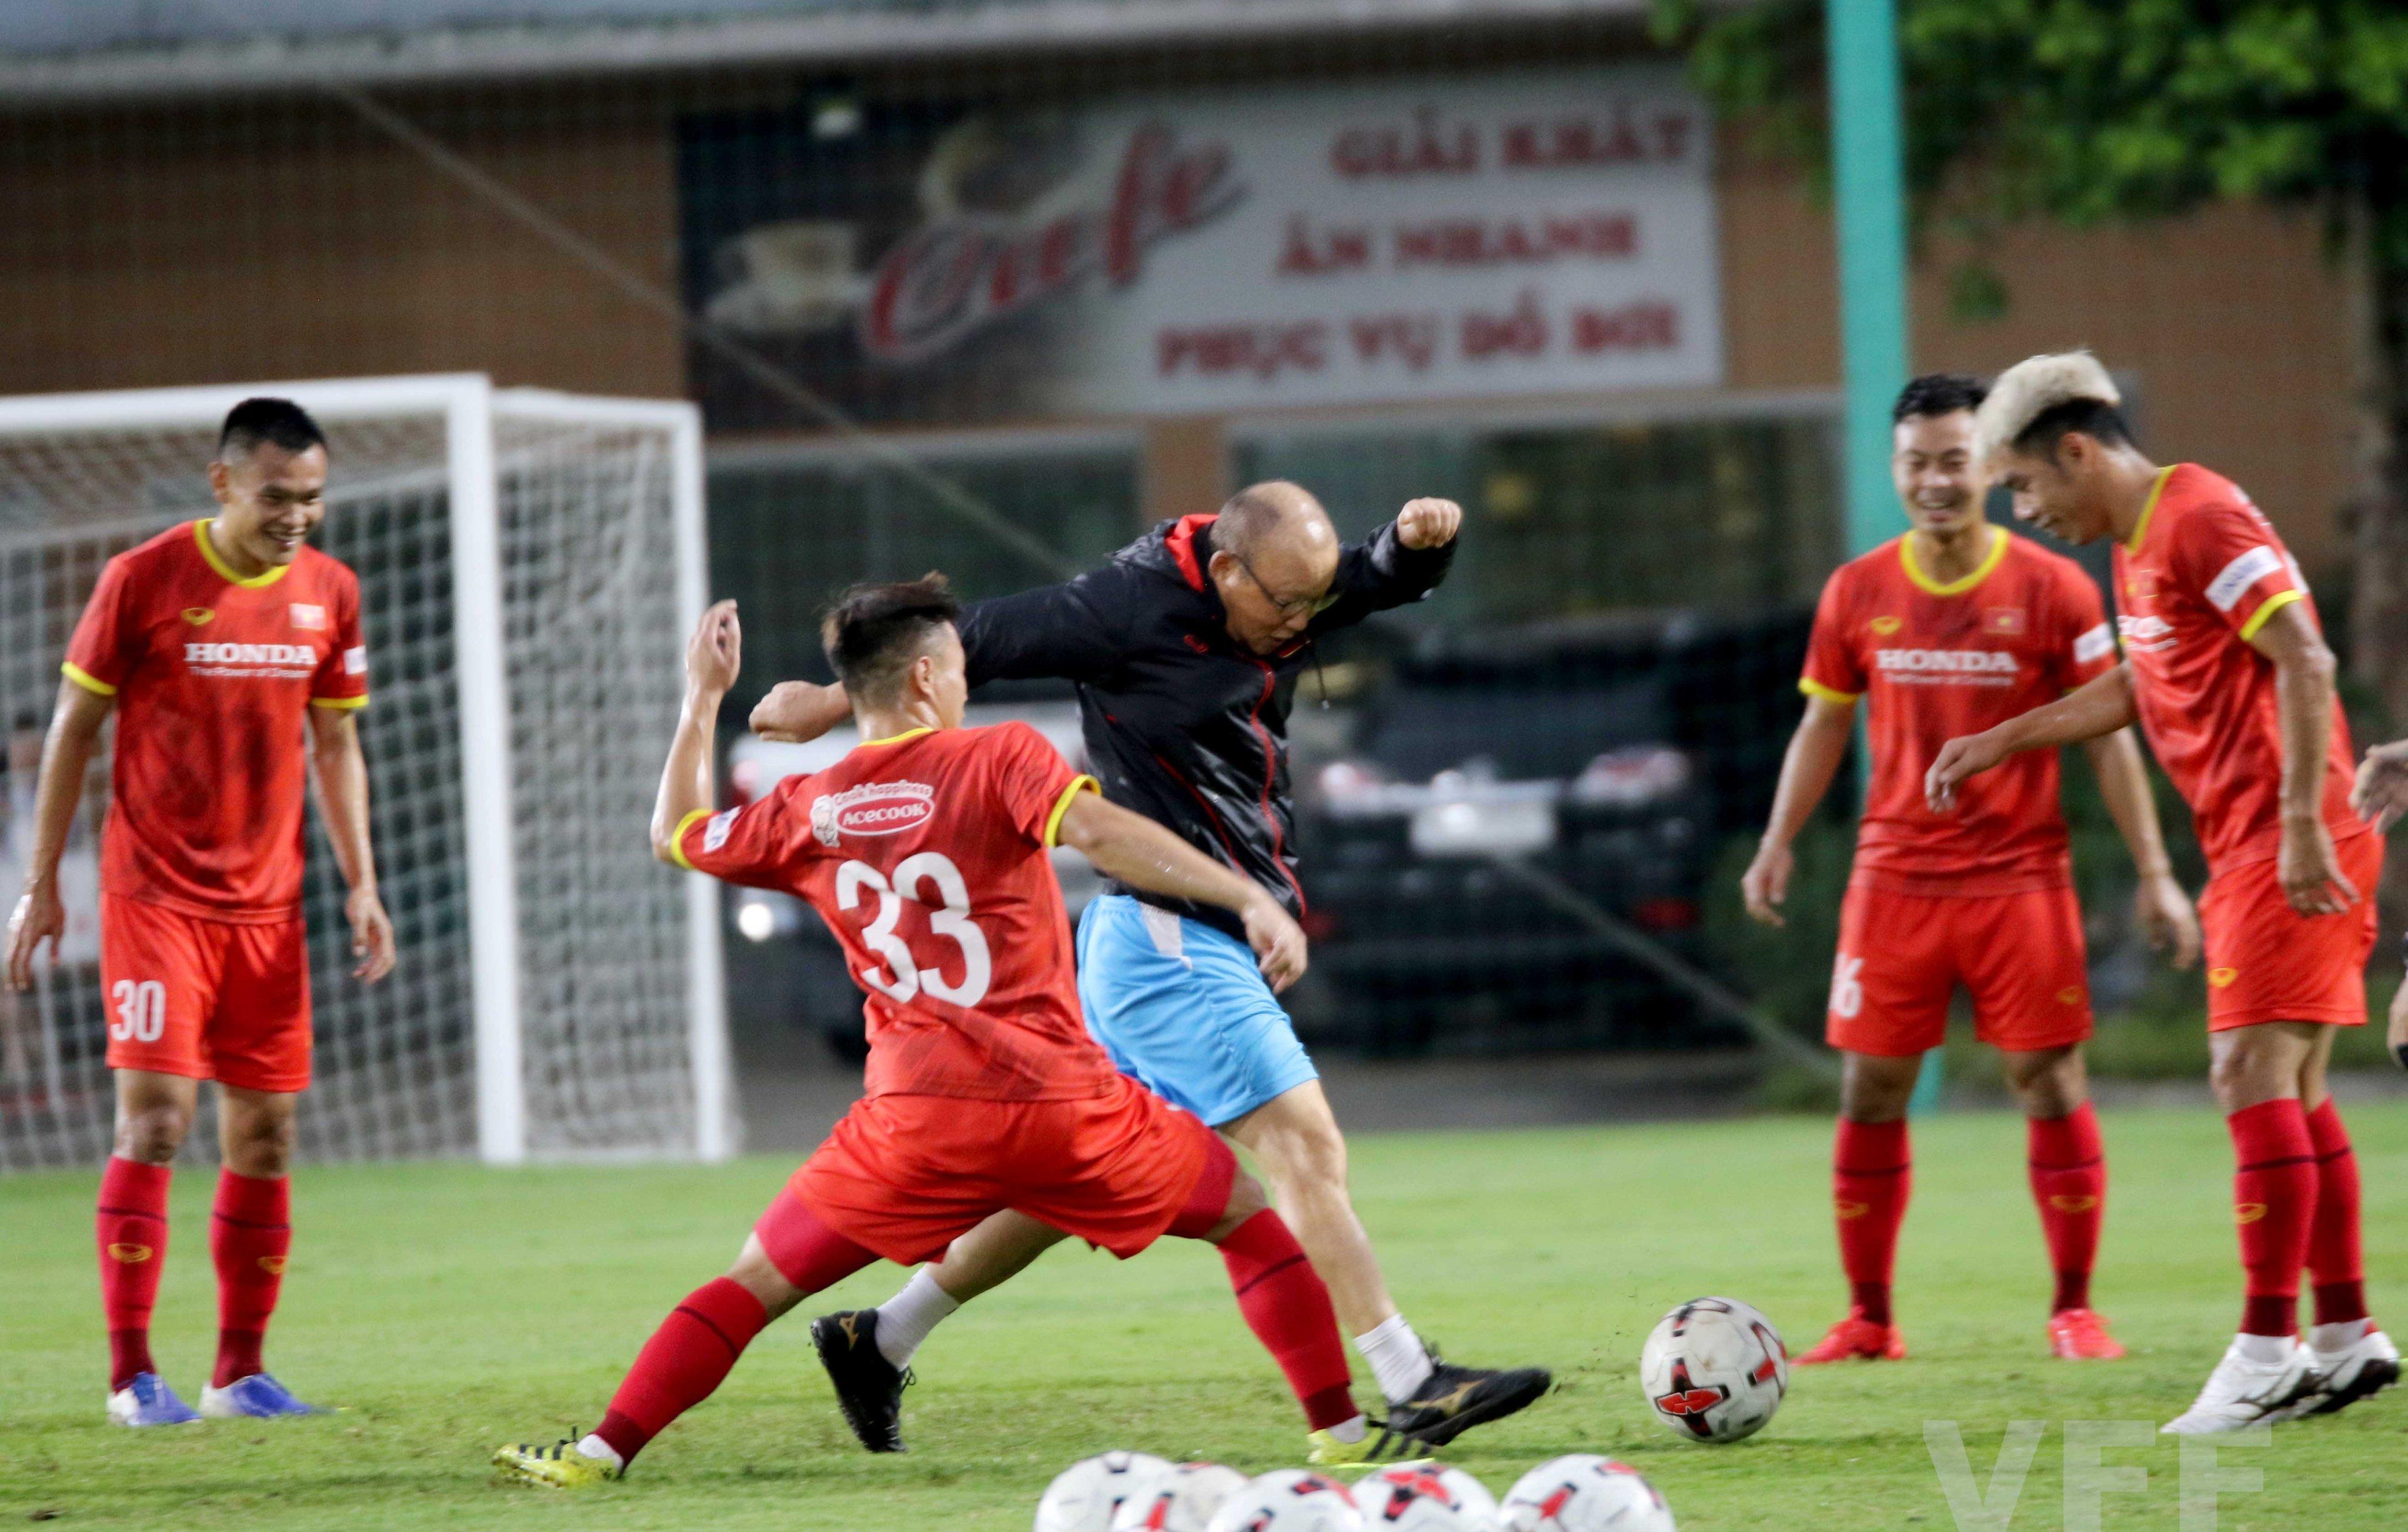 """HLV Park Hang-seo """"làm xiếc"""" với bóng khiến học trò ngỡ ngàng! - Ảnh 2."""